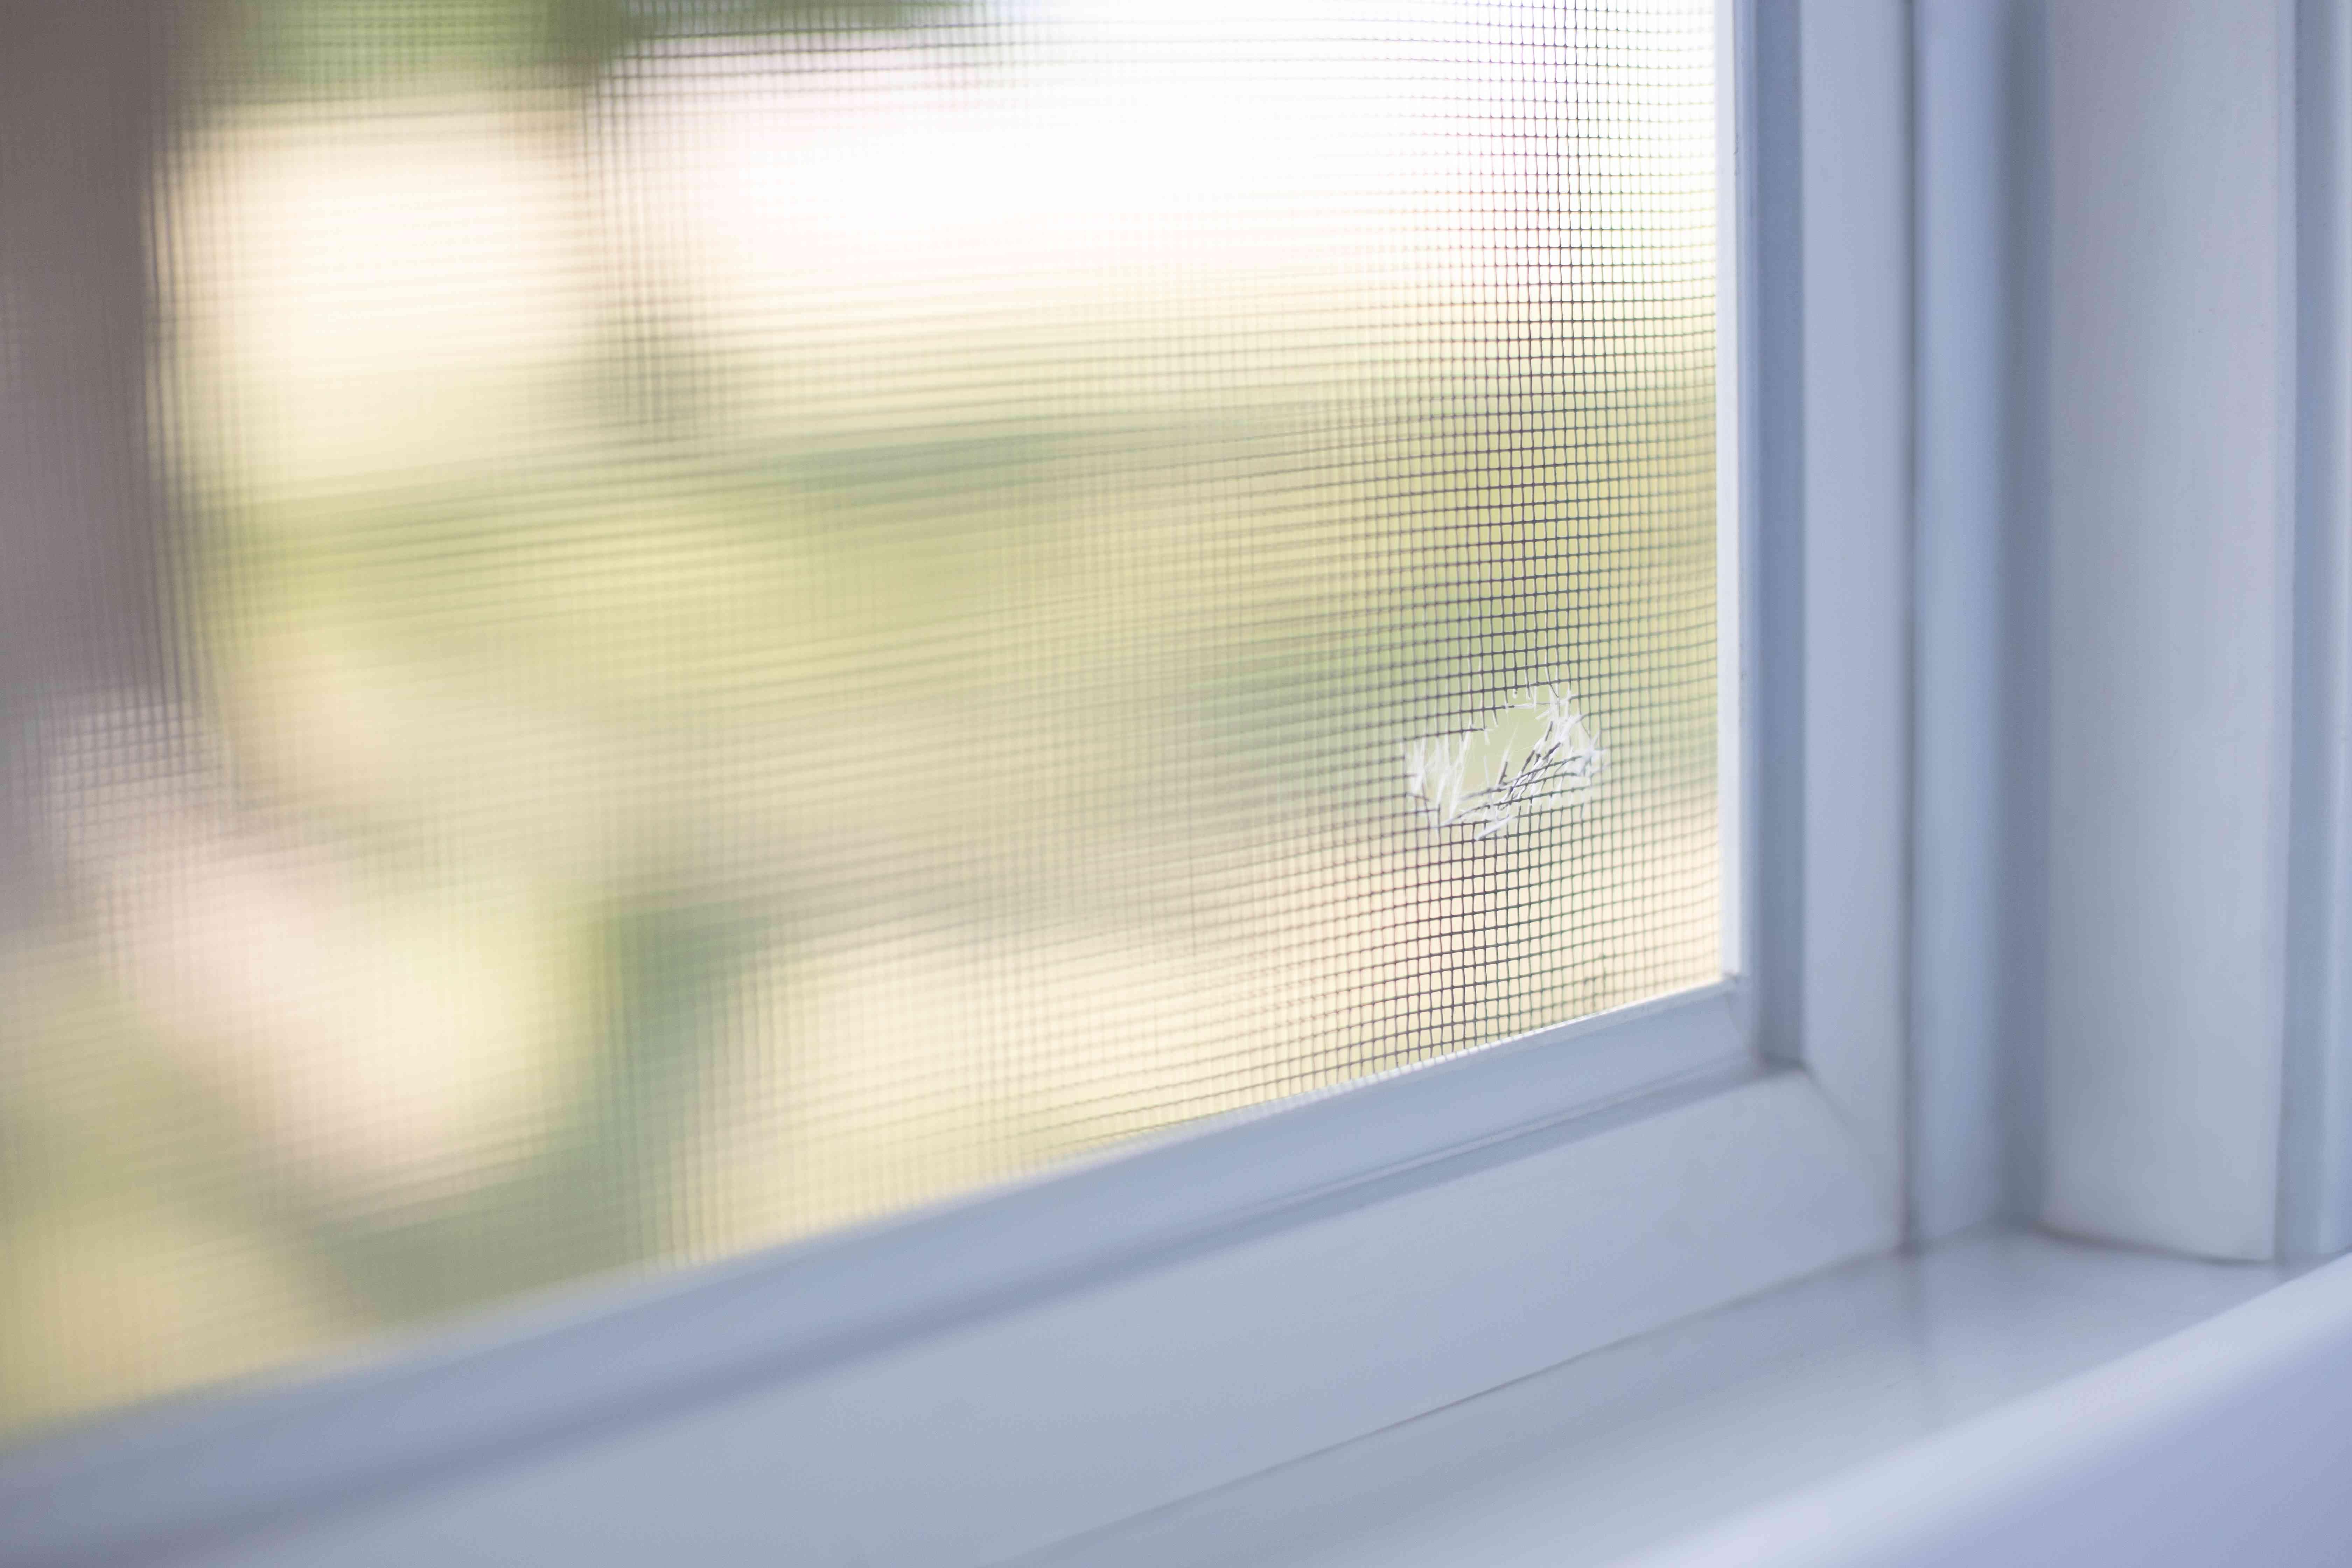 Hole in screen window